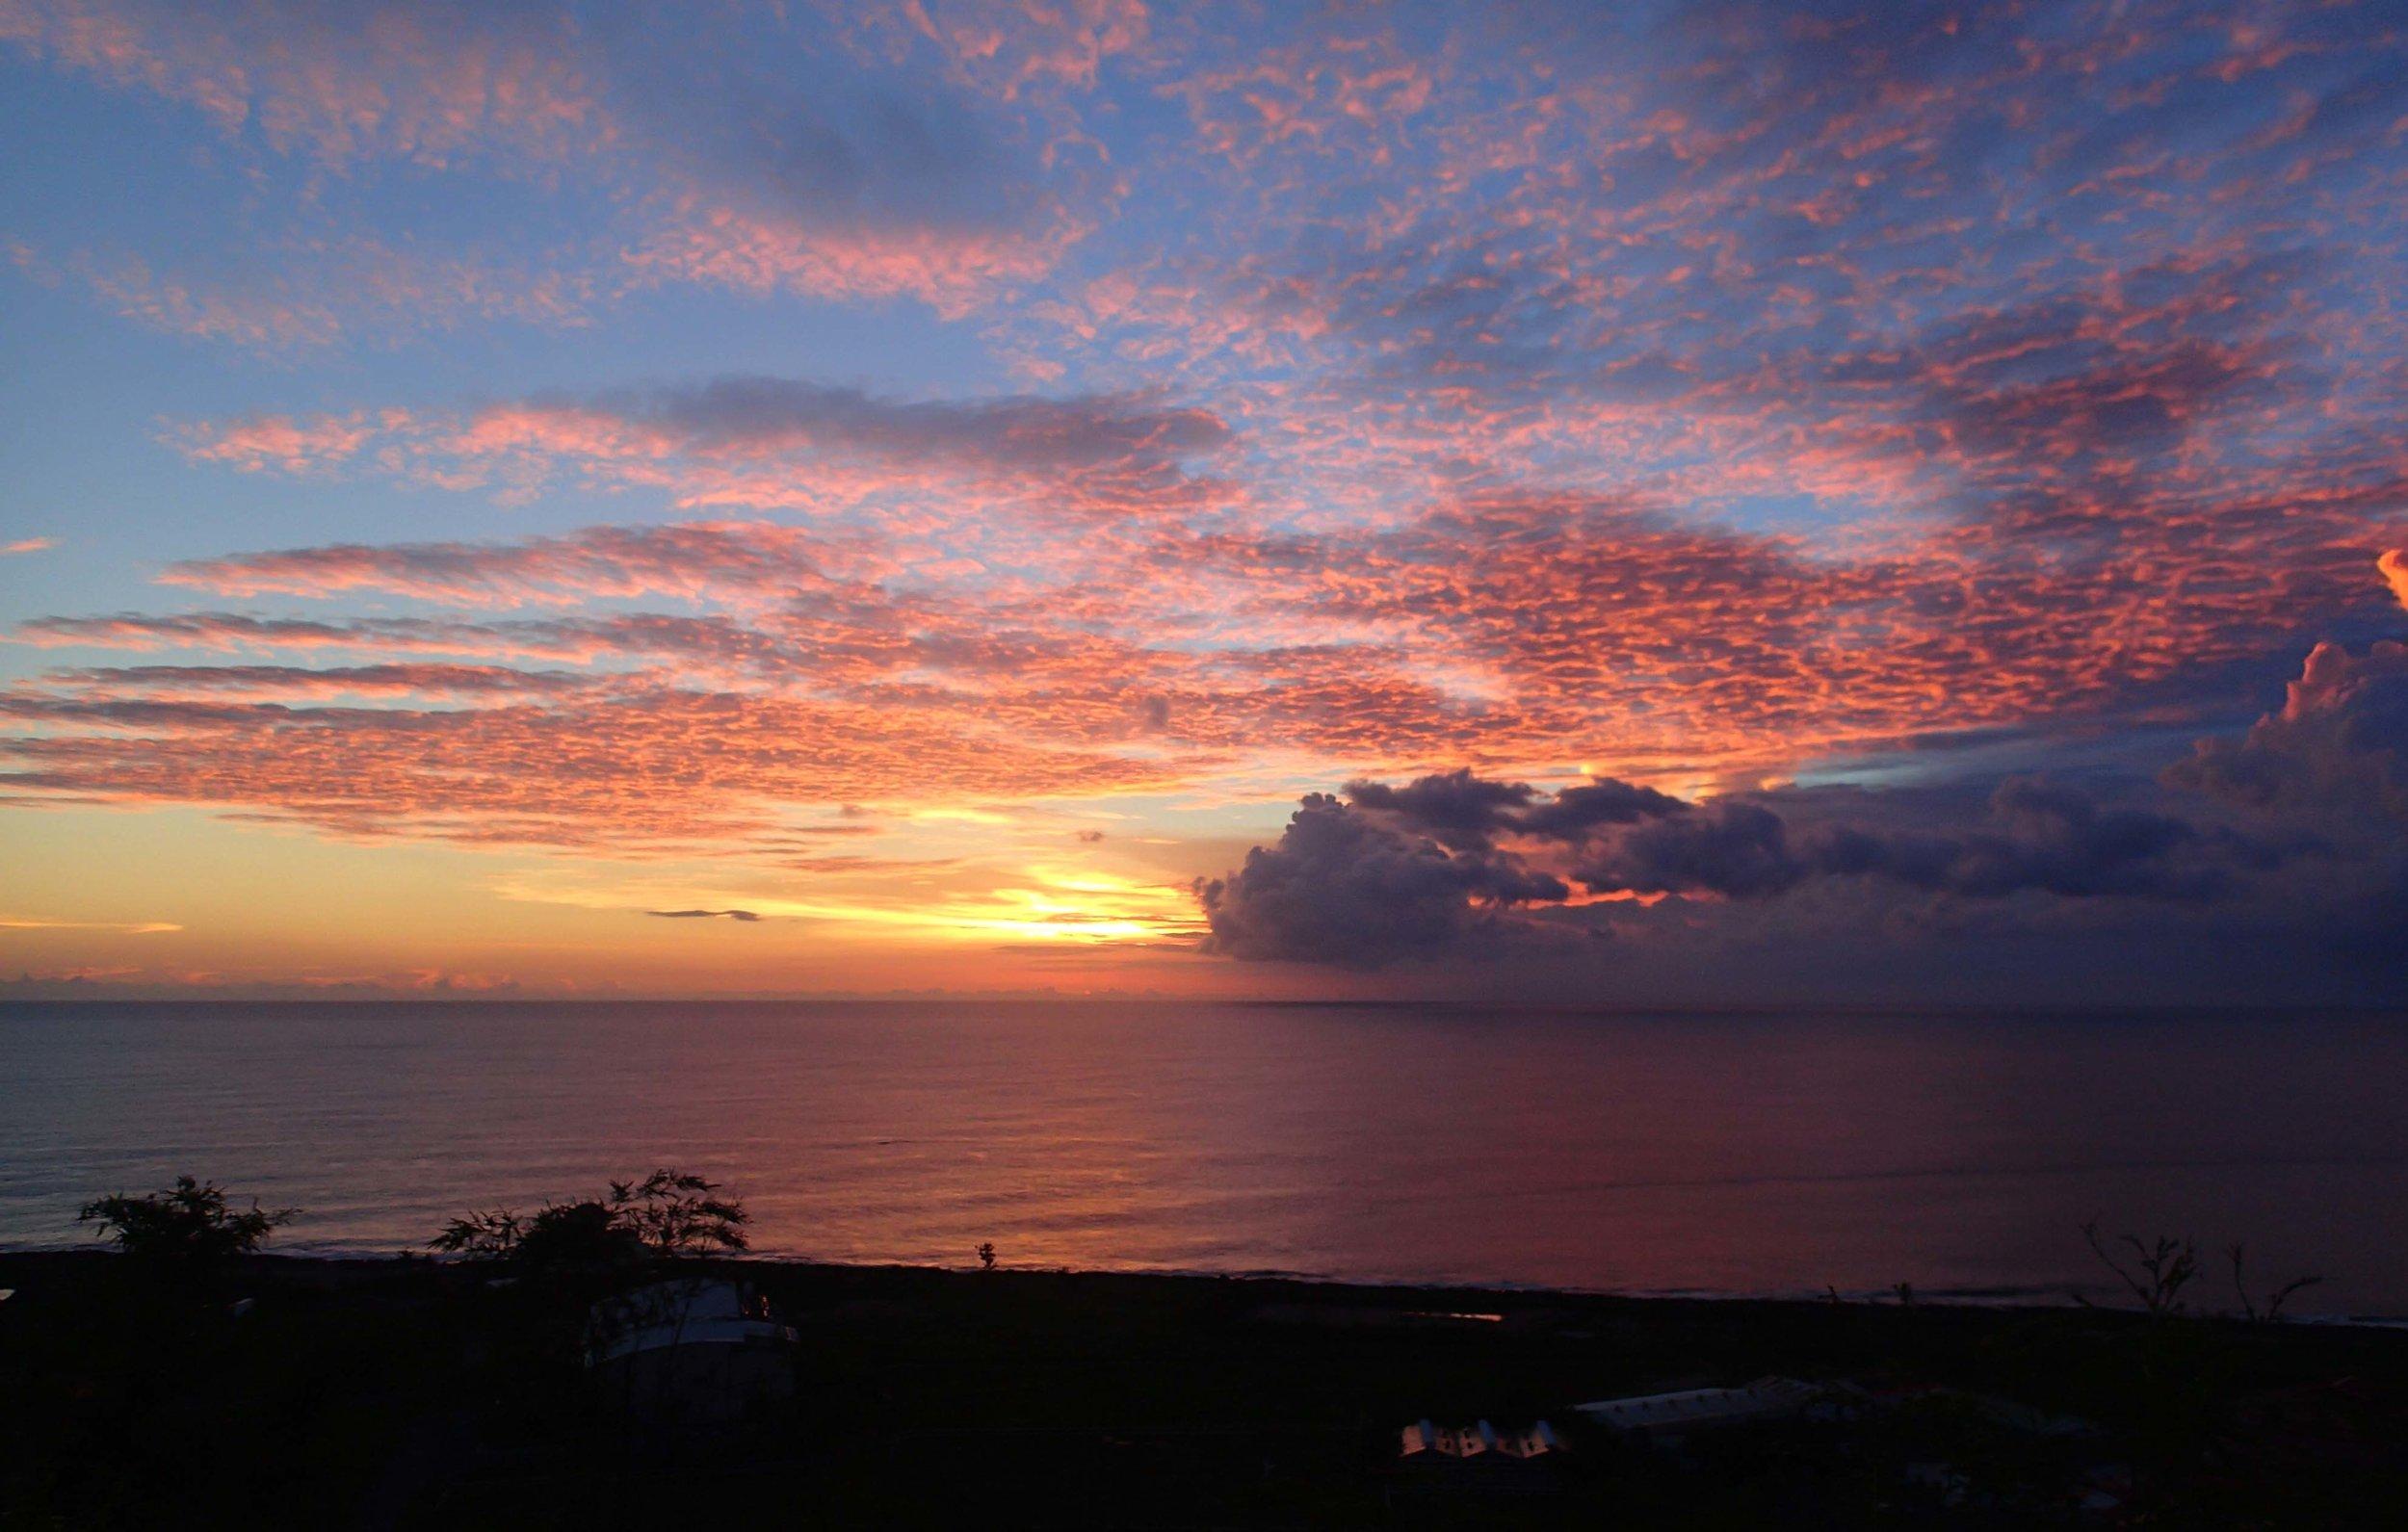 Gueishan sunset 8-25-13.jpg